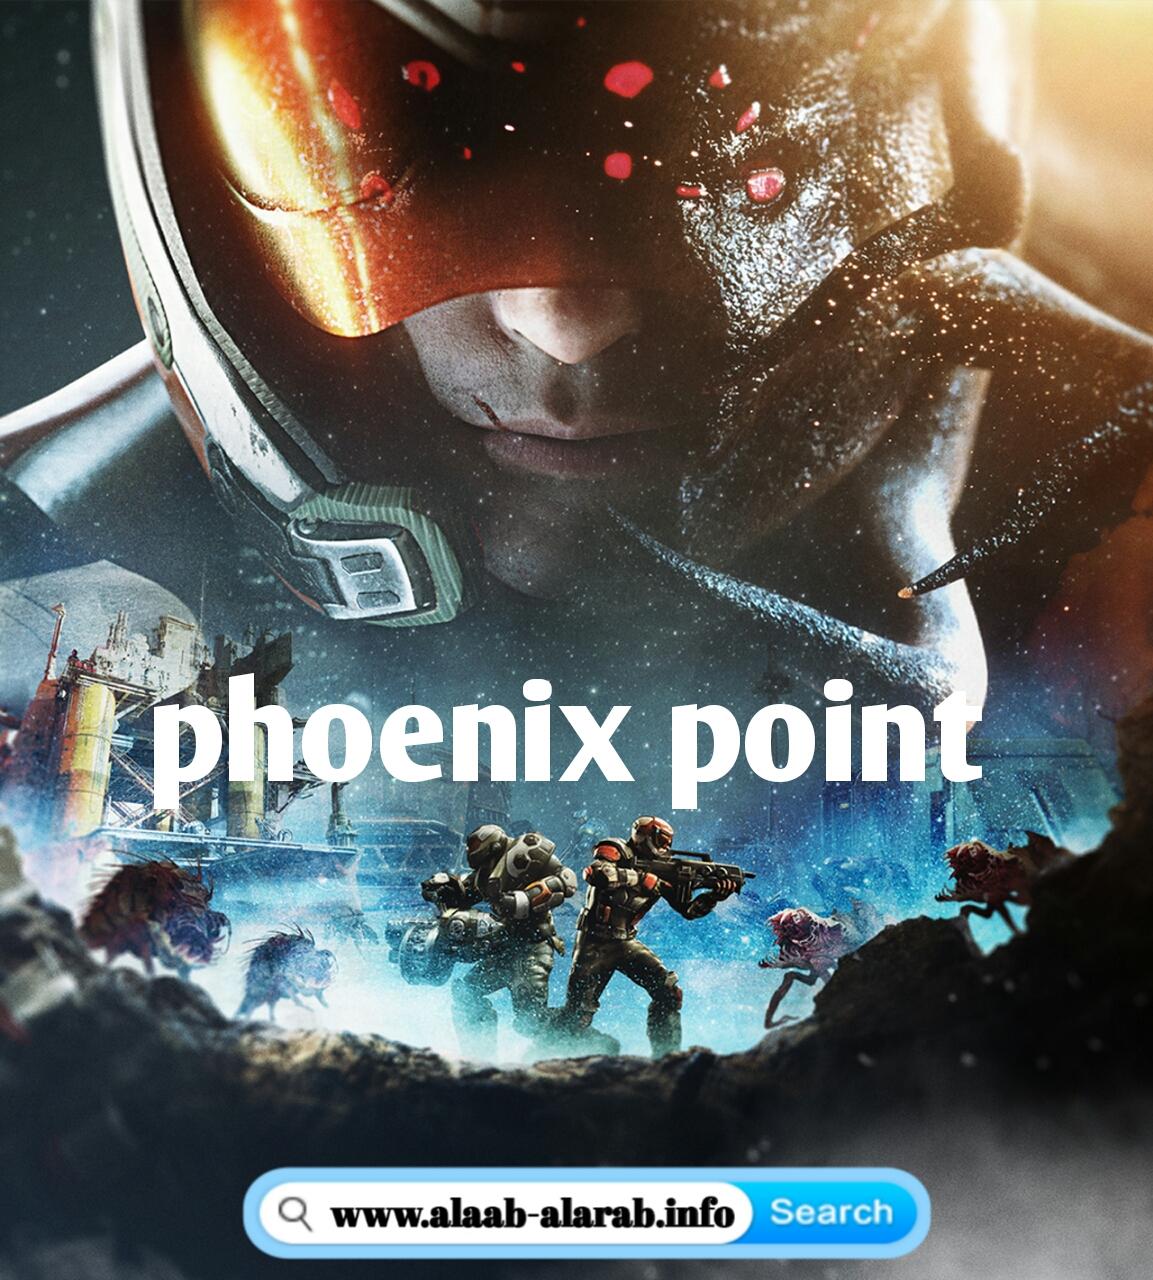 تحميل لعبة القتال phoenix point